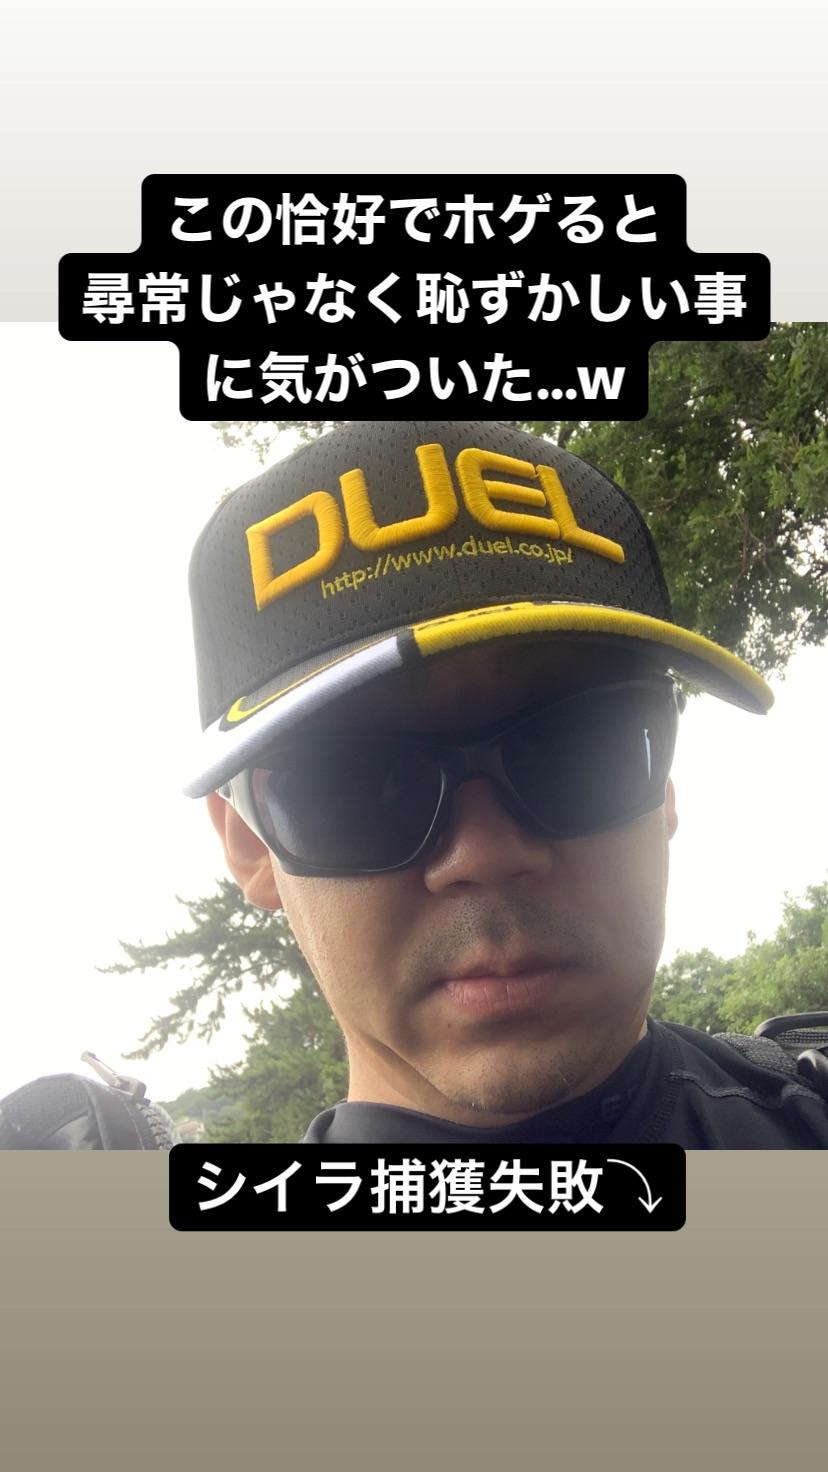 f:id:Lurehirahei:20210709174226j:image